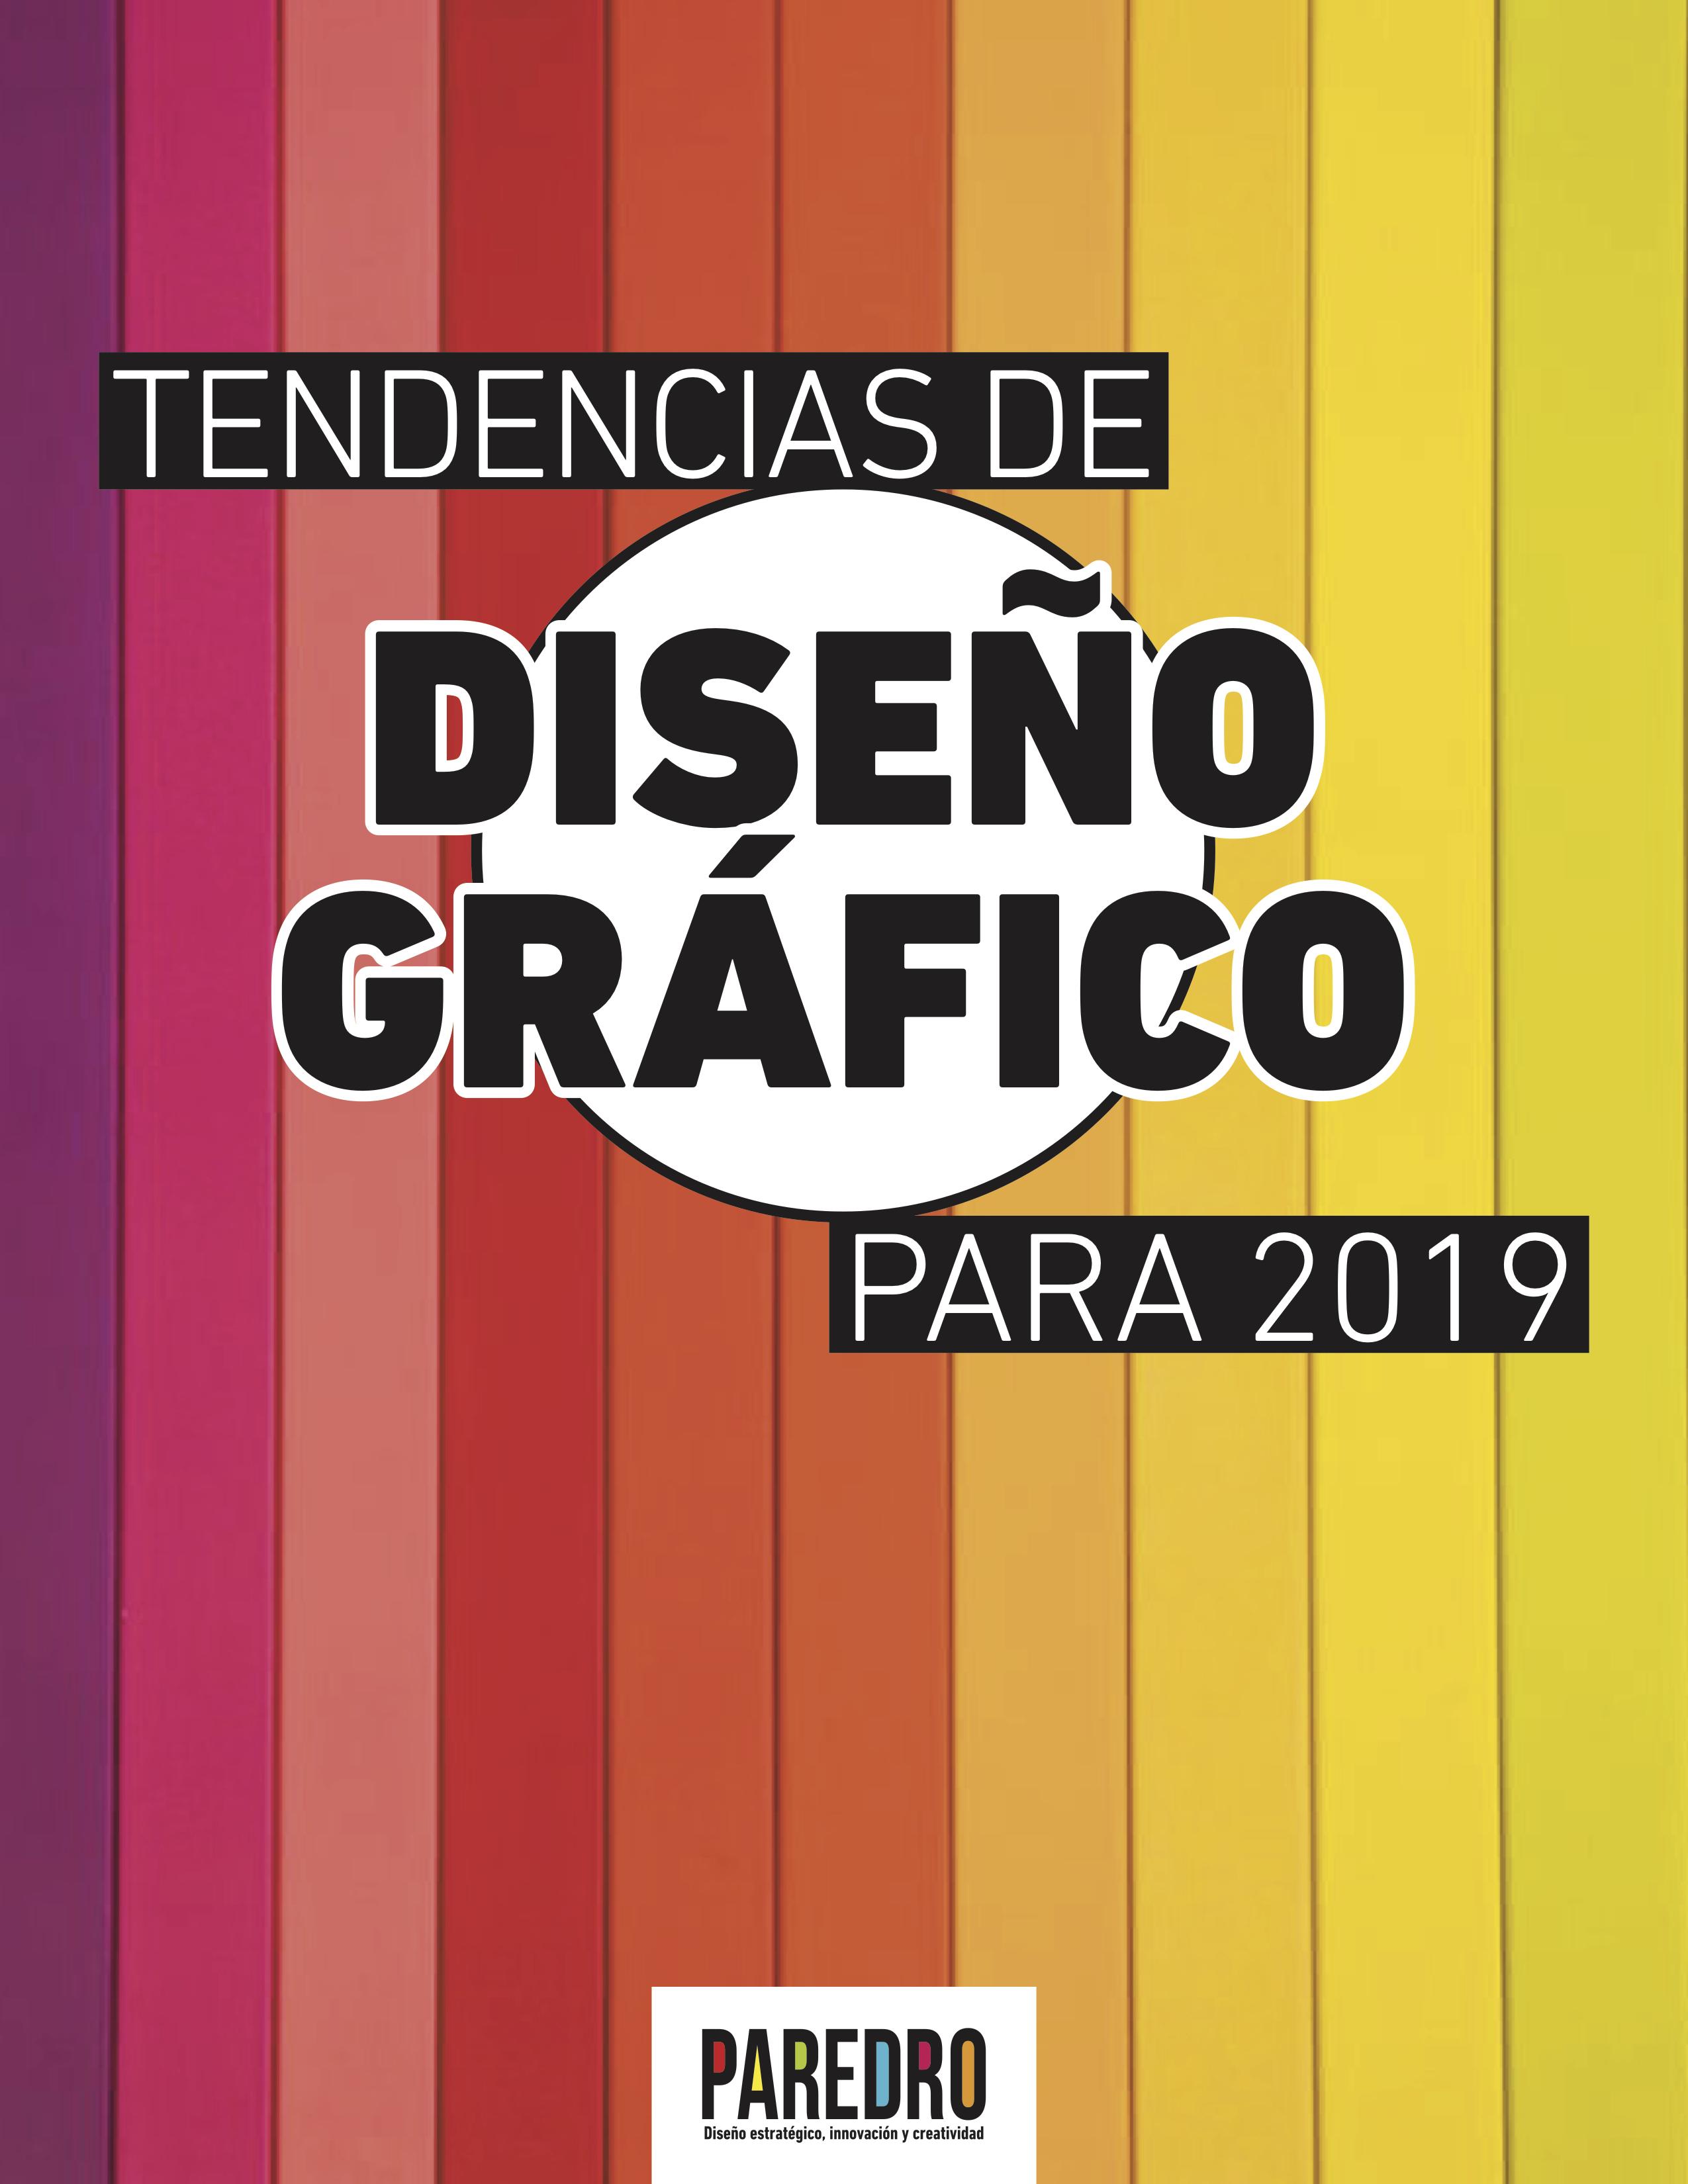 """Descarga aquí GRATIS el reportaje especial """"Tendencias de Diseño Gráfico para 2019"""" que te brindará consejos para innovar tus diseños."""